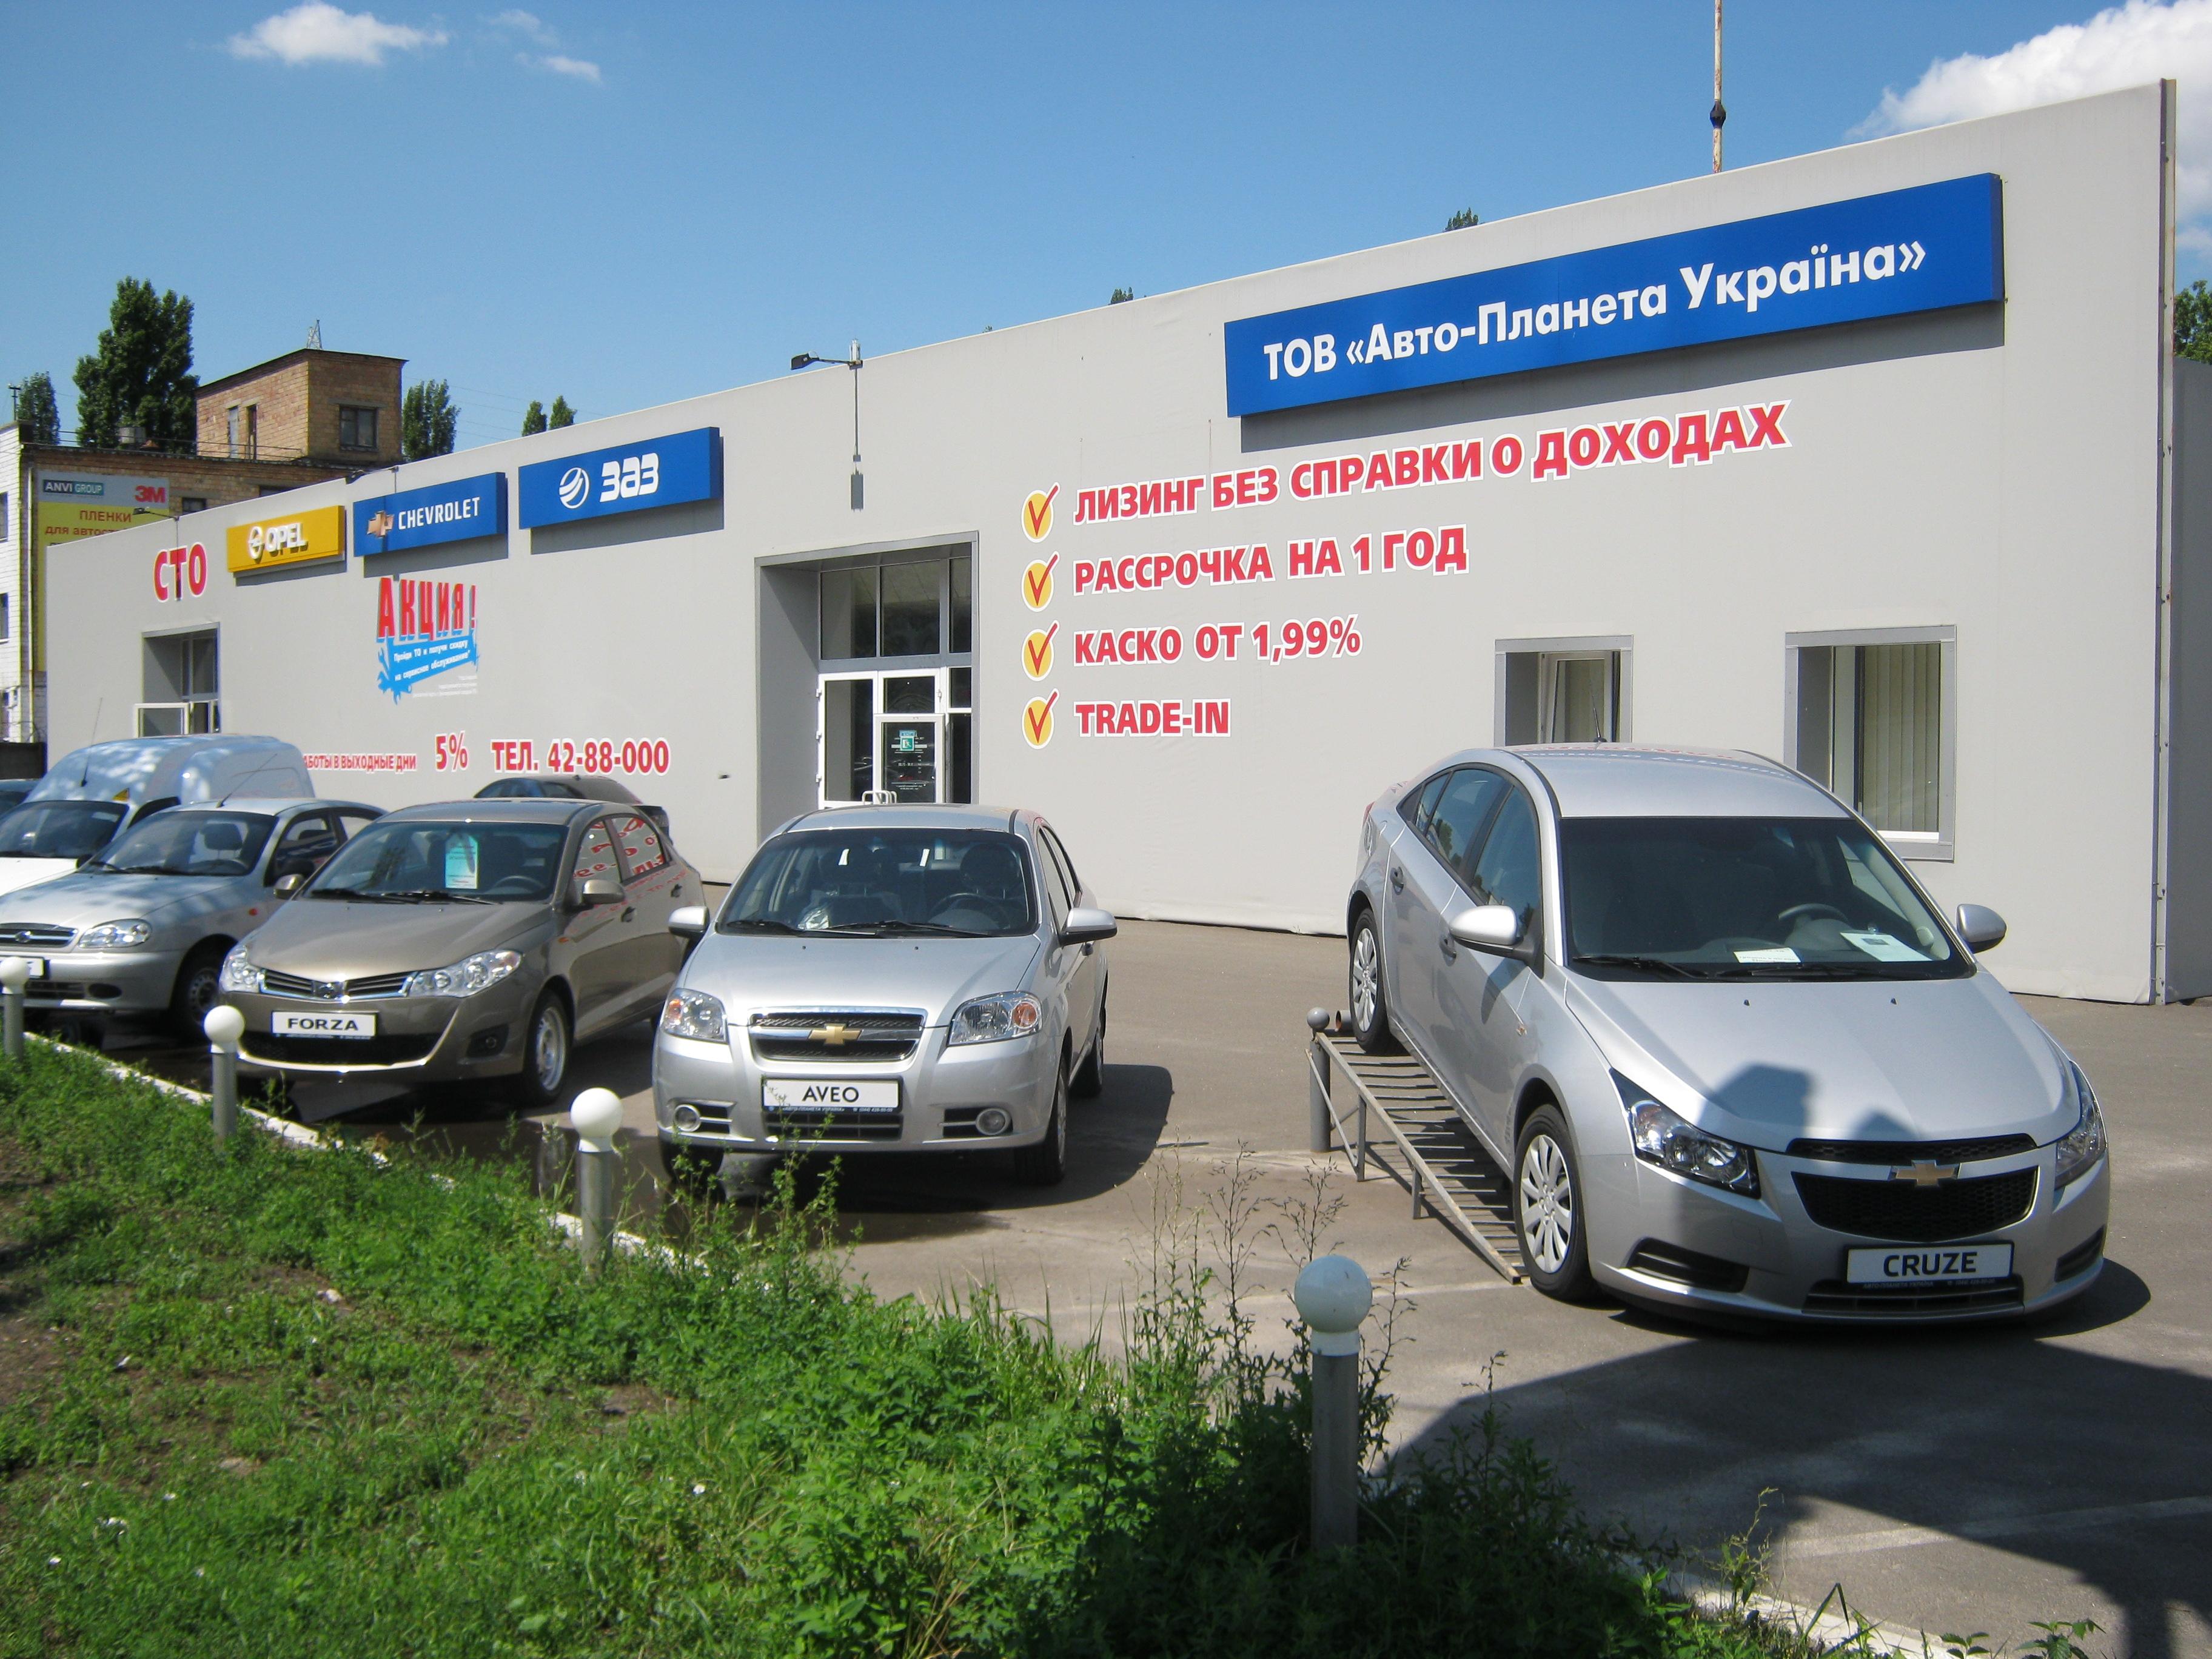 Кредит авто харьков сбербанк украина